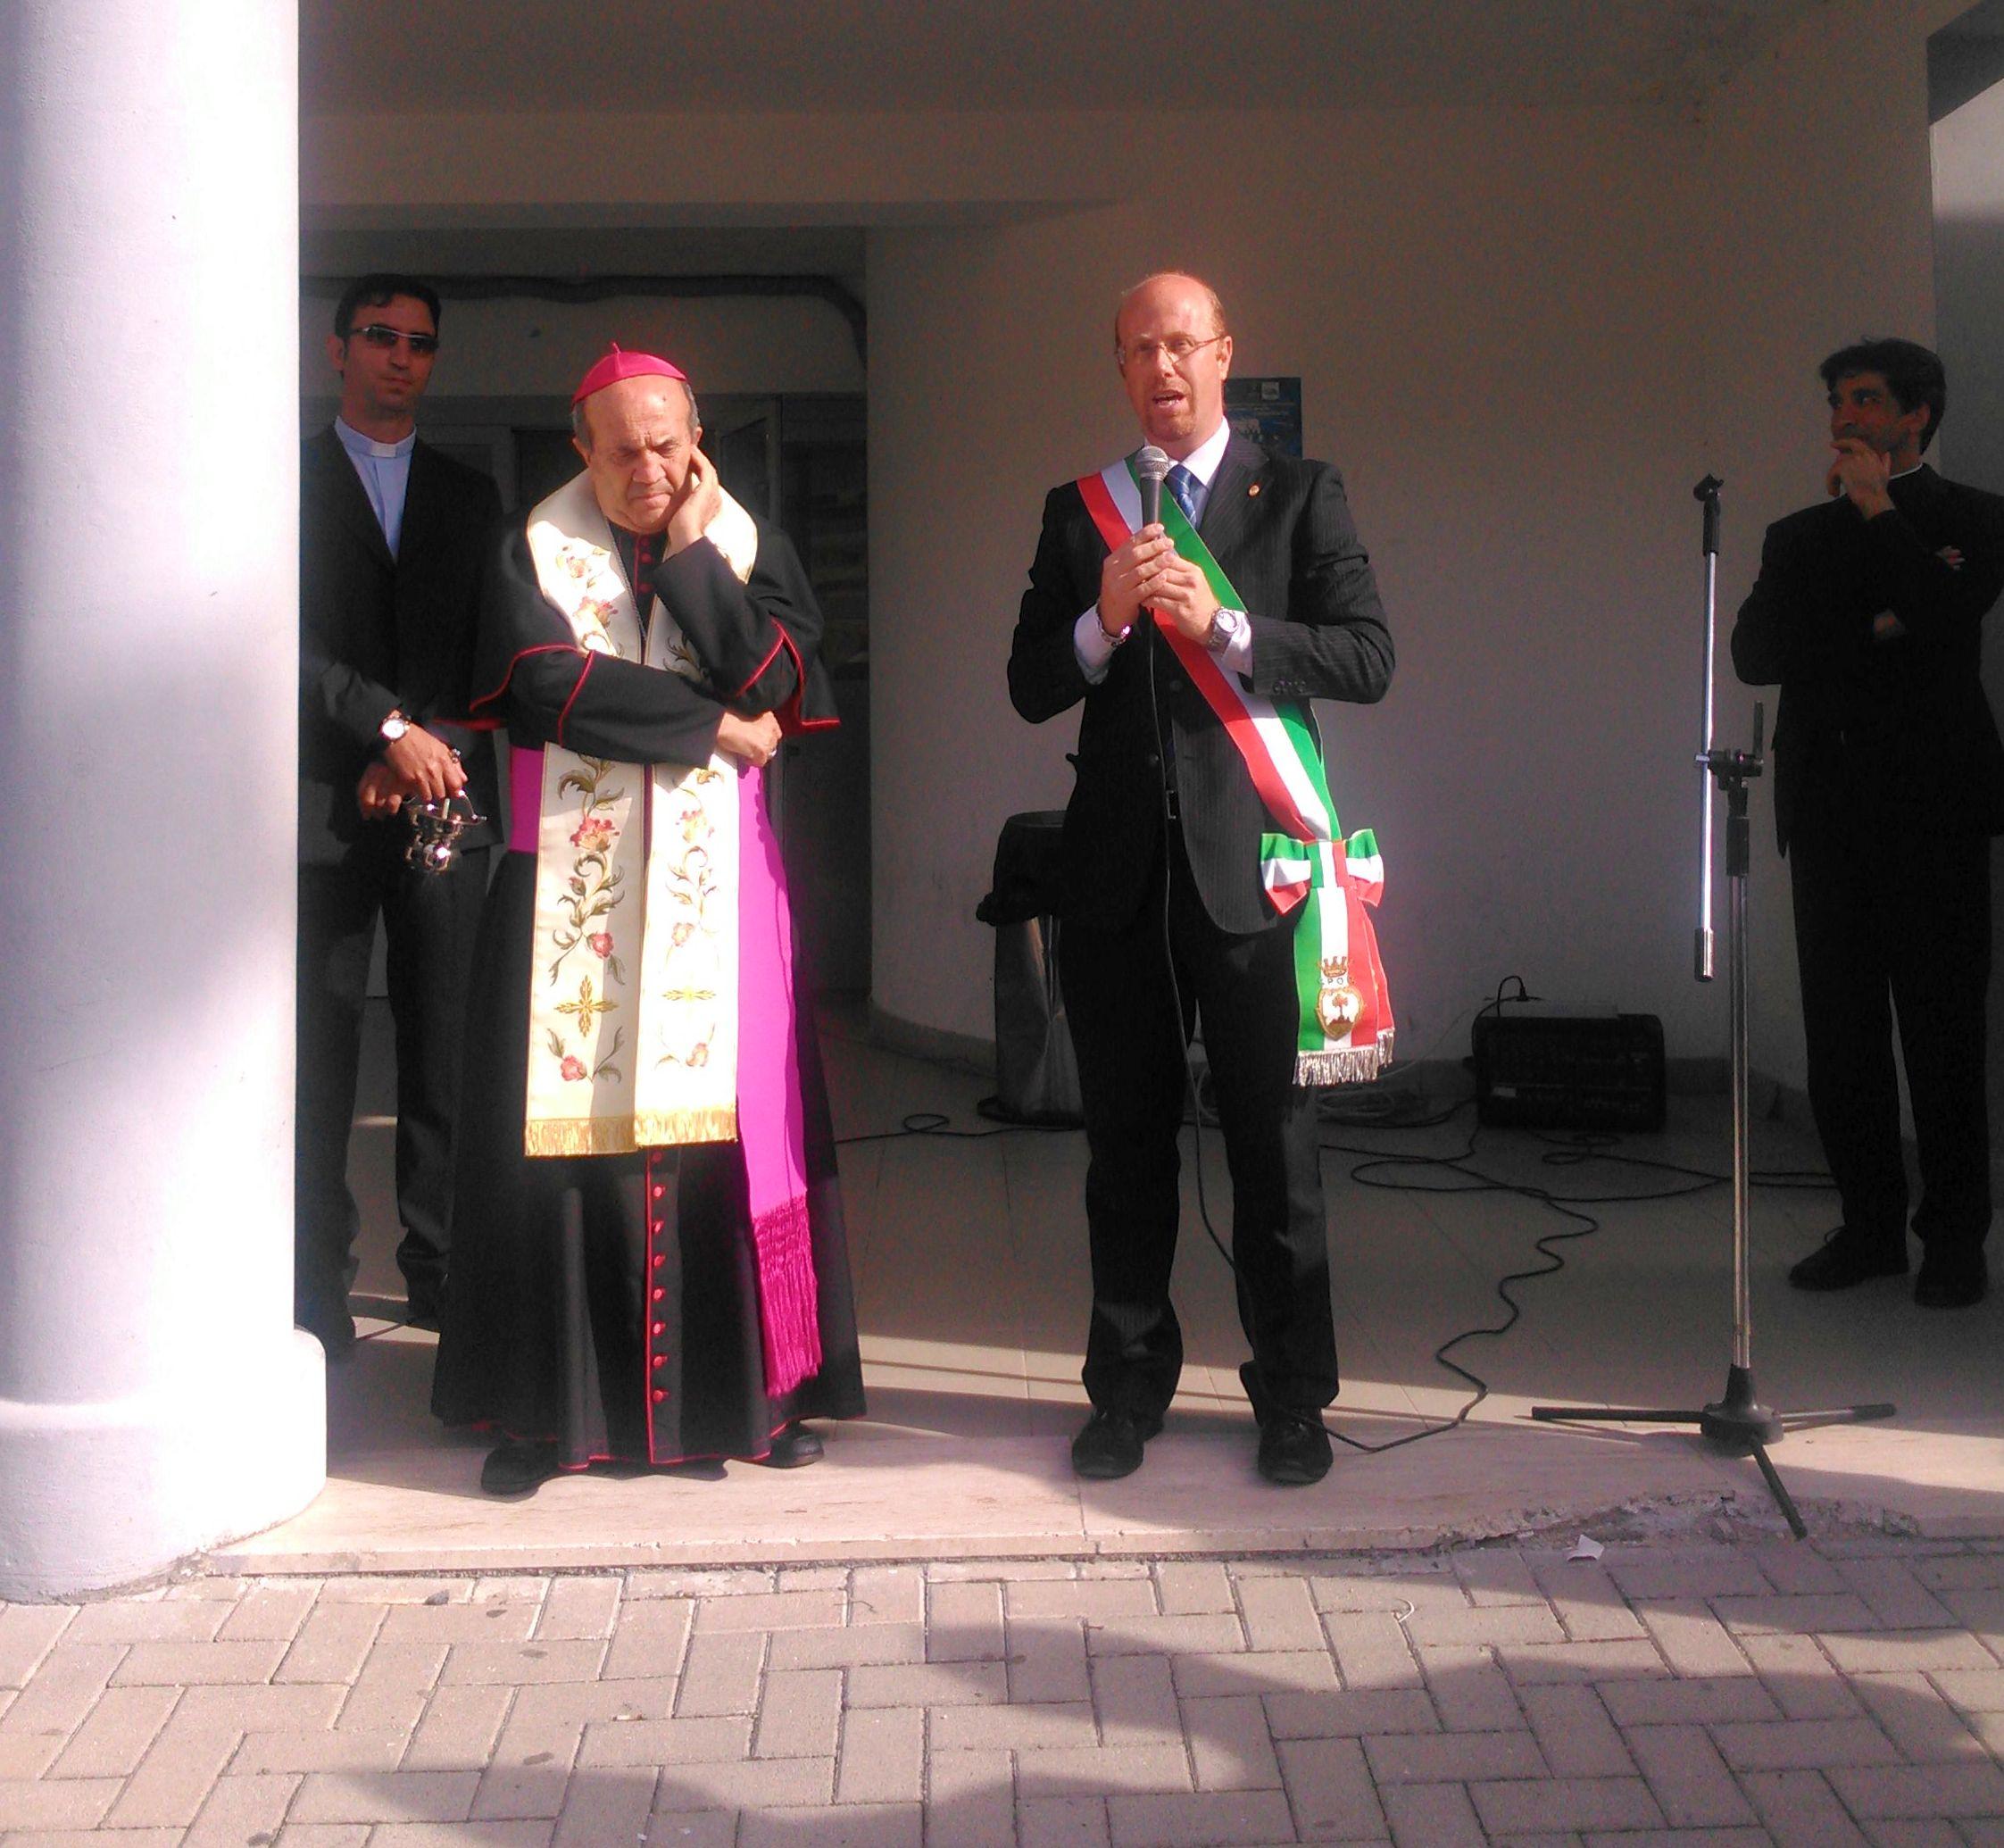 https://www.comune.olevanoromano.rm.it/immagini_news/public/immagine/21-Piscina-olevano-sindaco-e-Vescovo.jpg